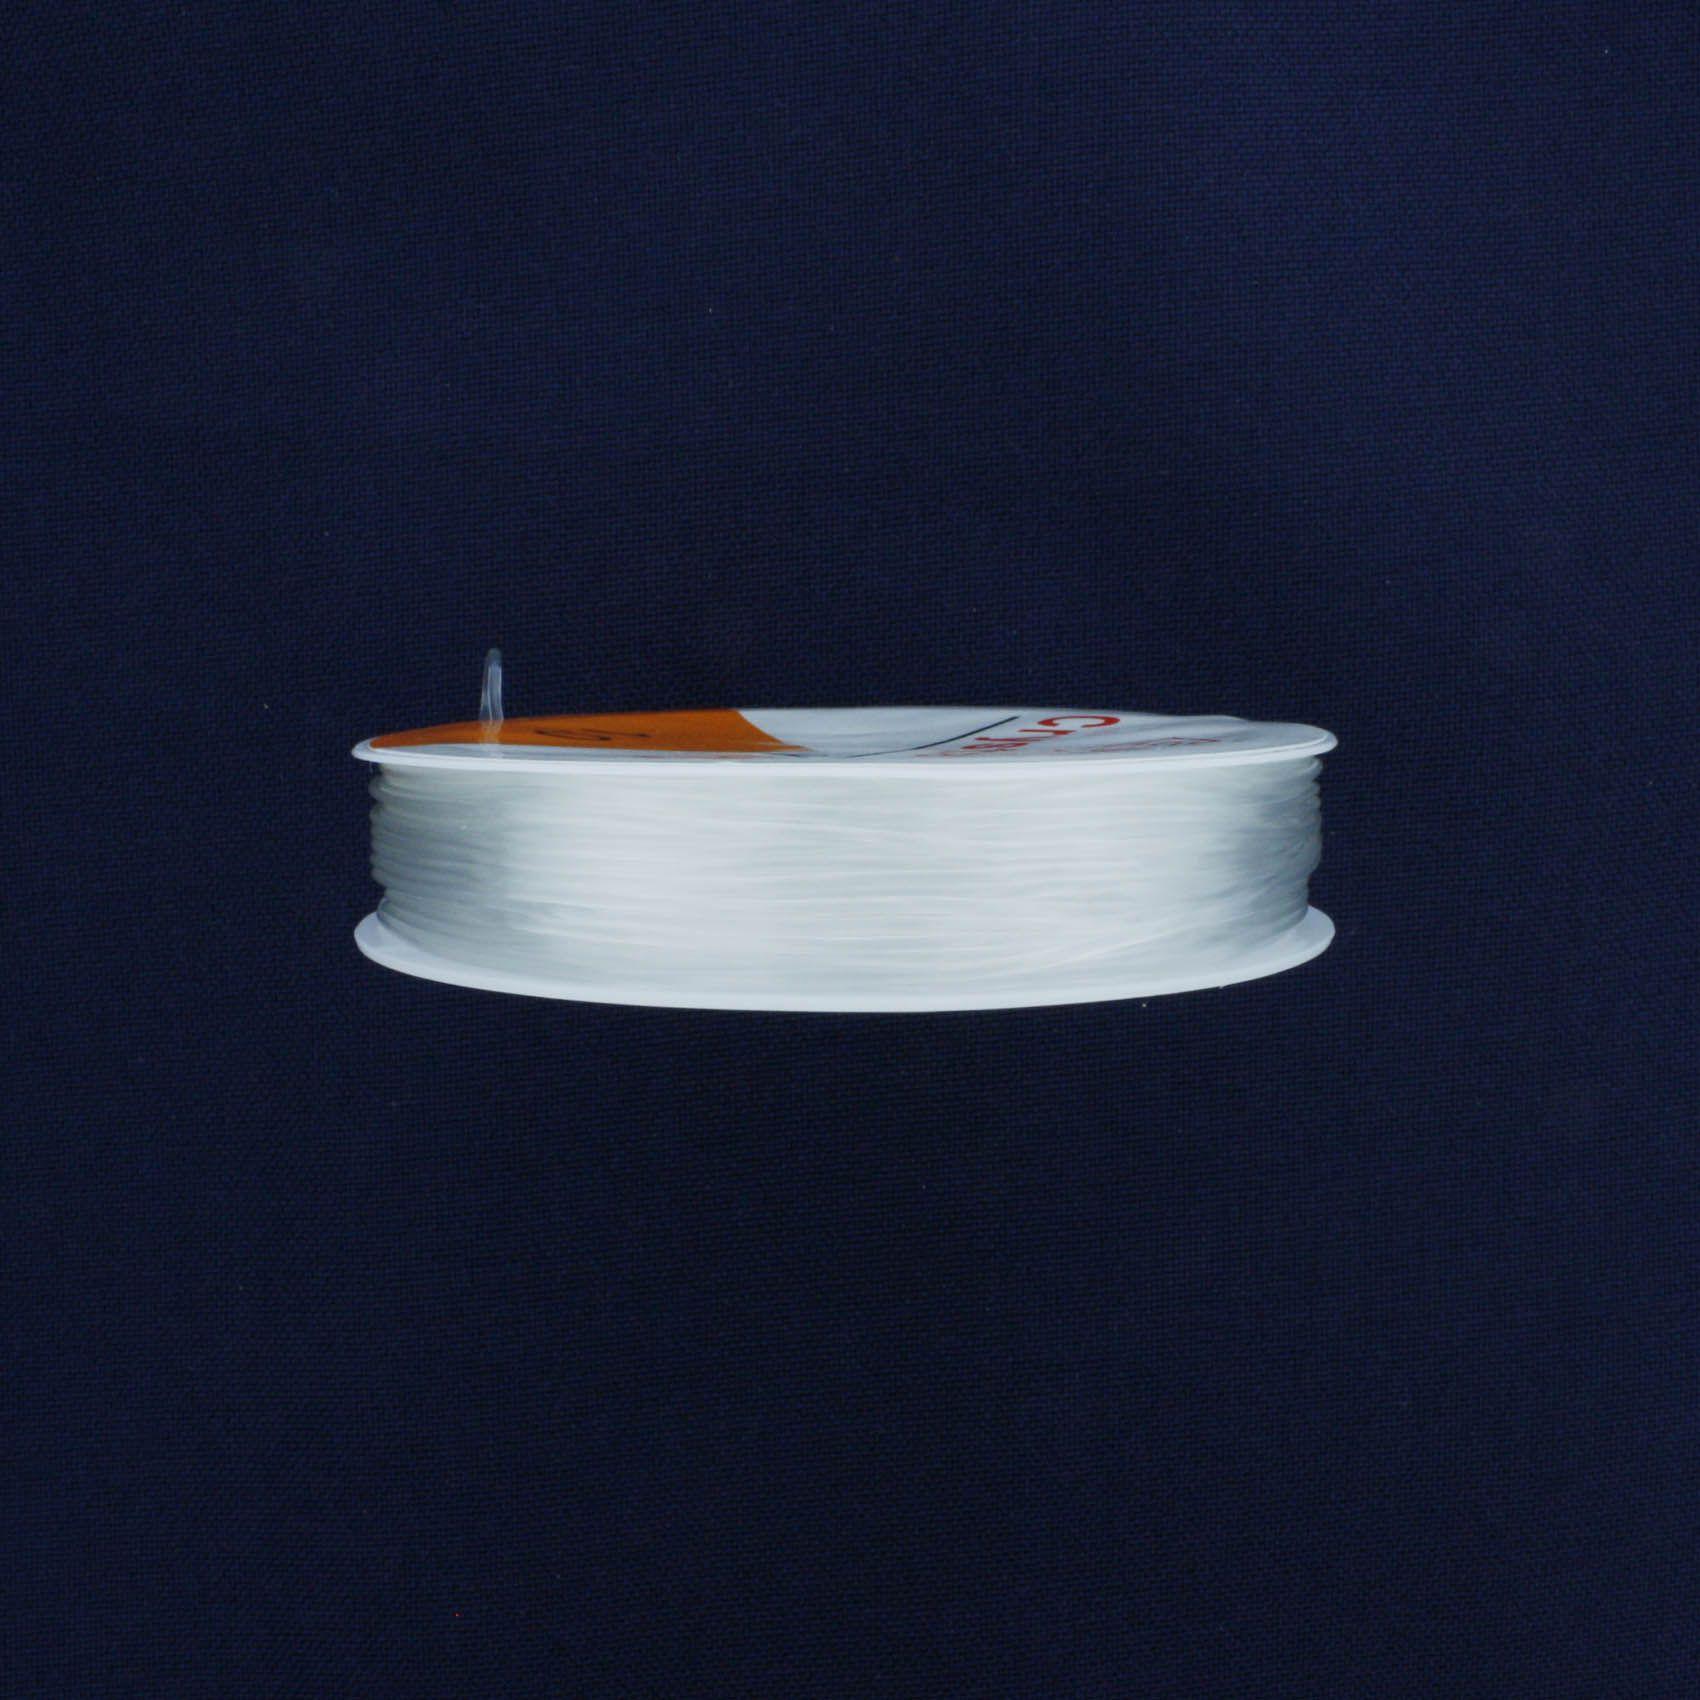 Fio de Silicone - 1.0mm - 10m  - Universo Religioso® - Artigos de Umbanda e Candomblé